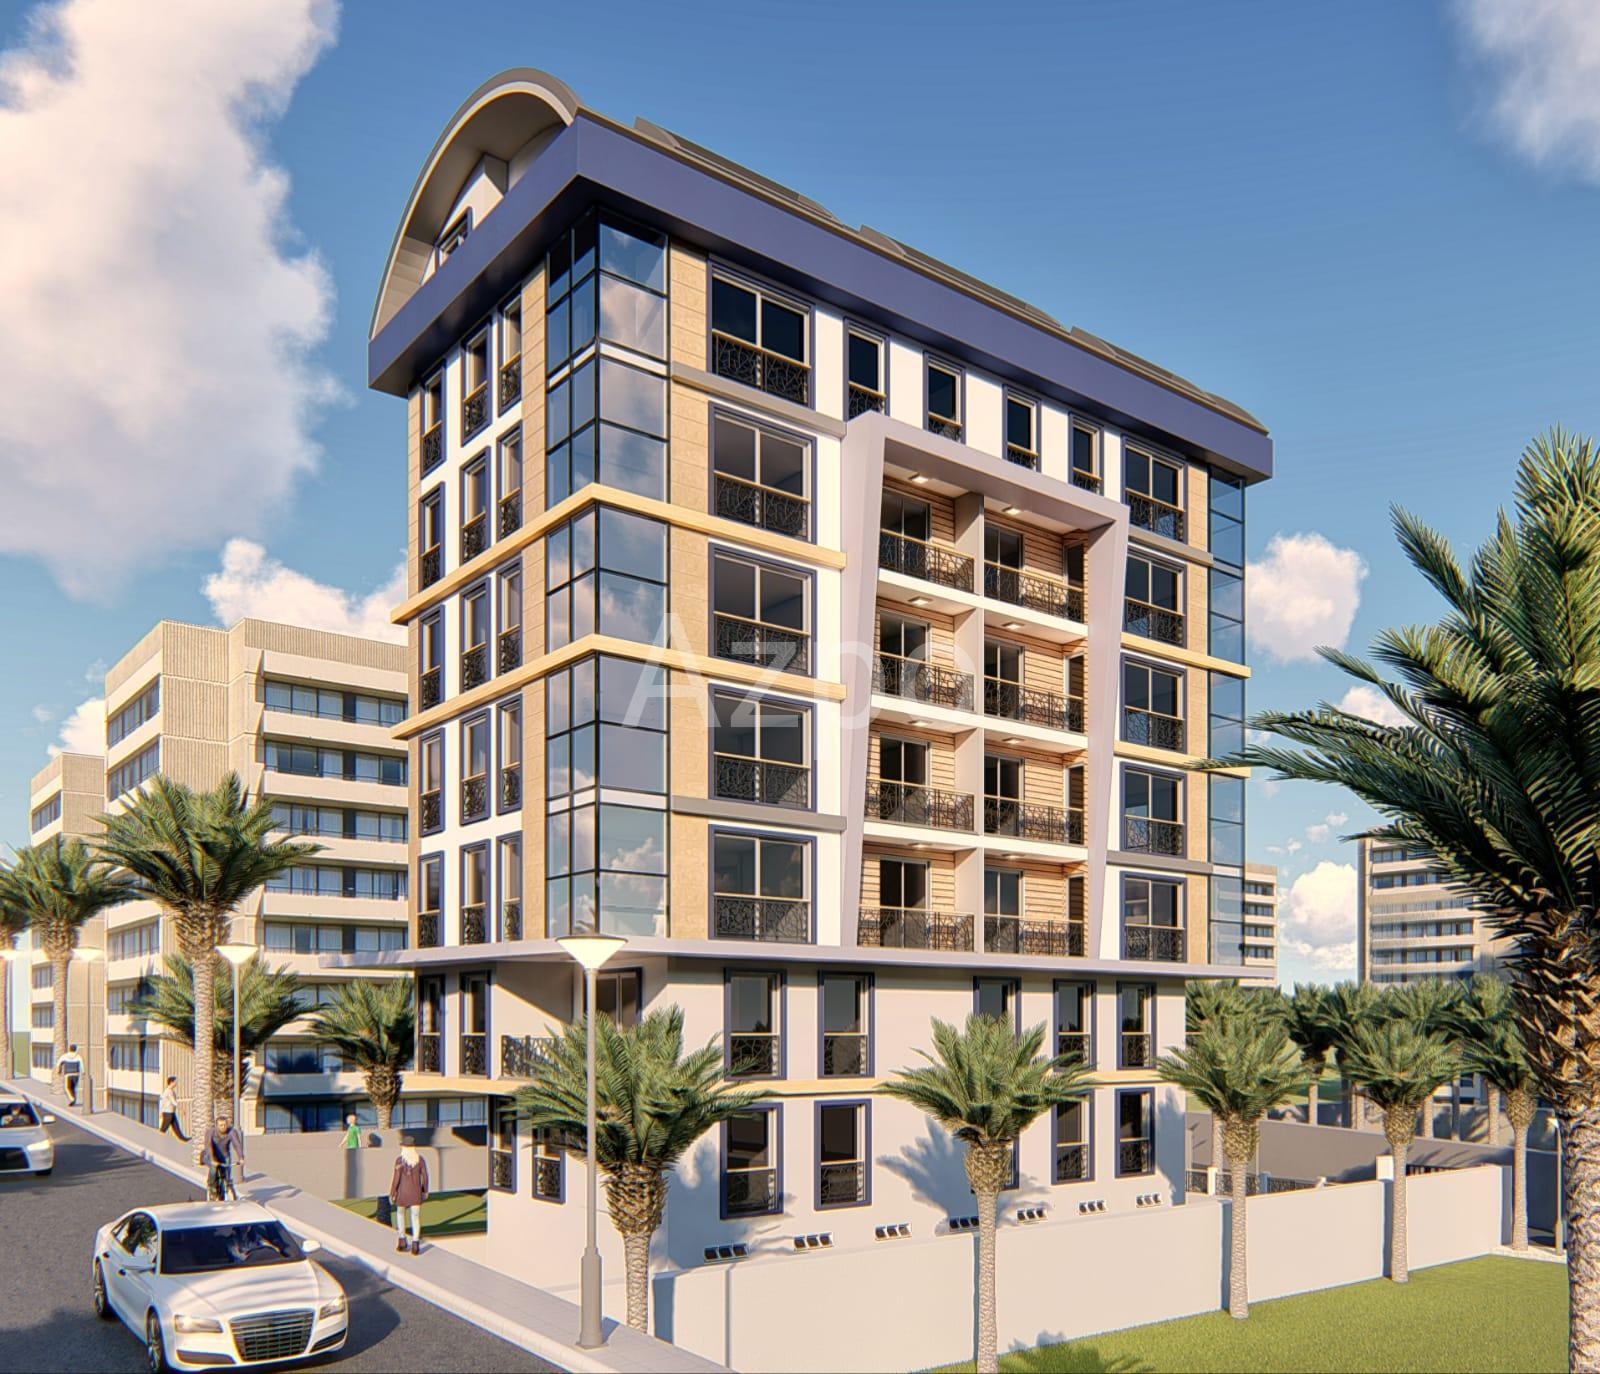 Апартаменты в строящемся комплексе Аланья центр - Фото 2